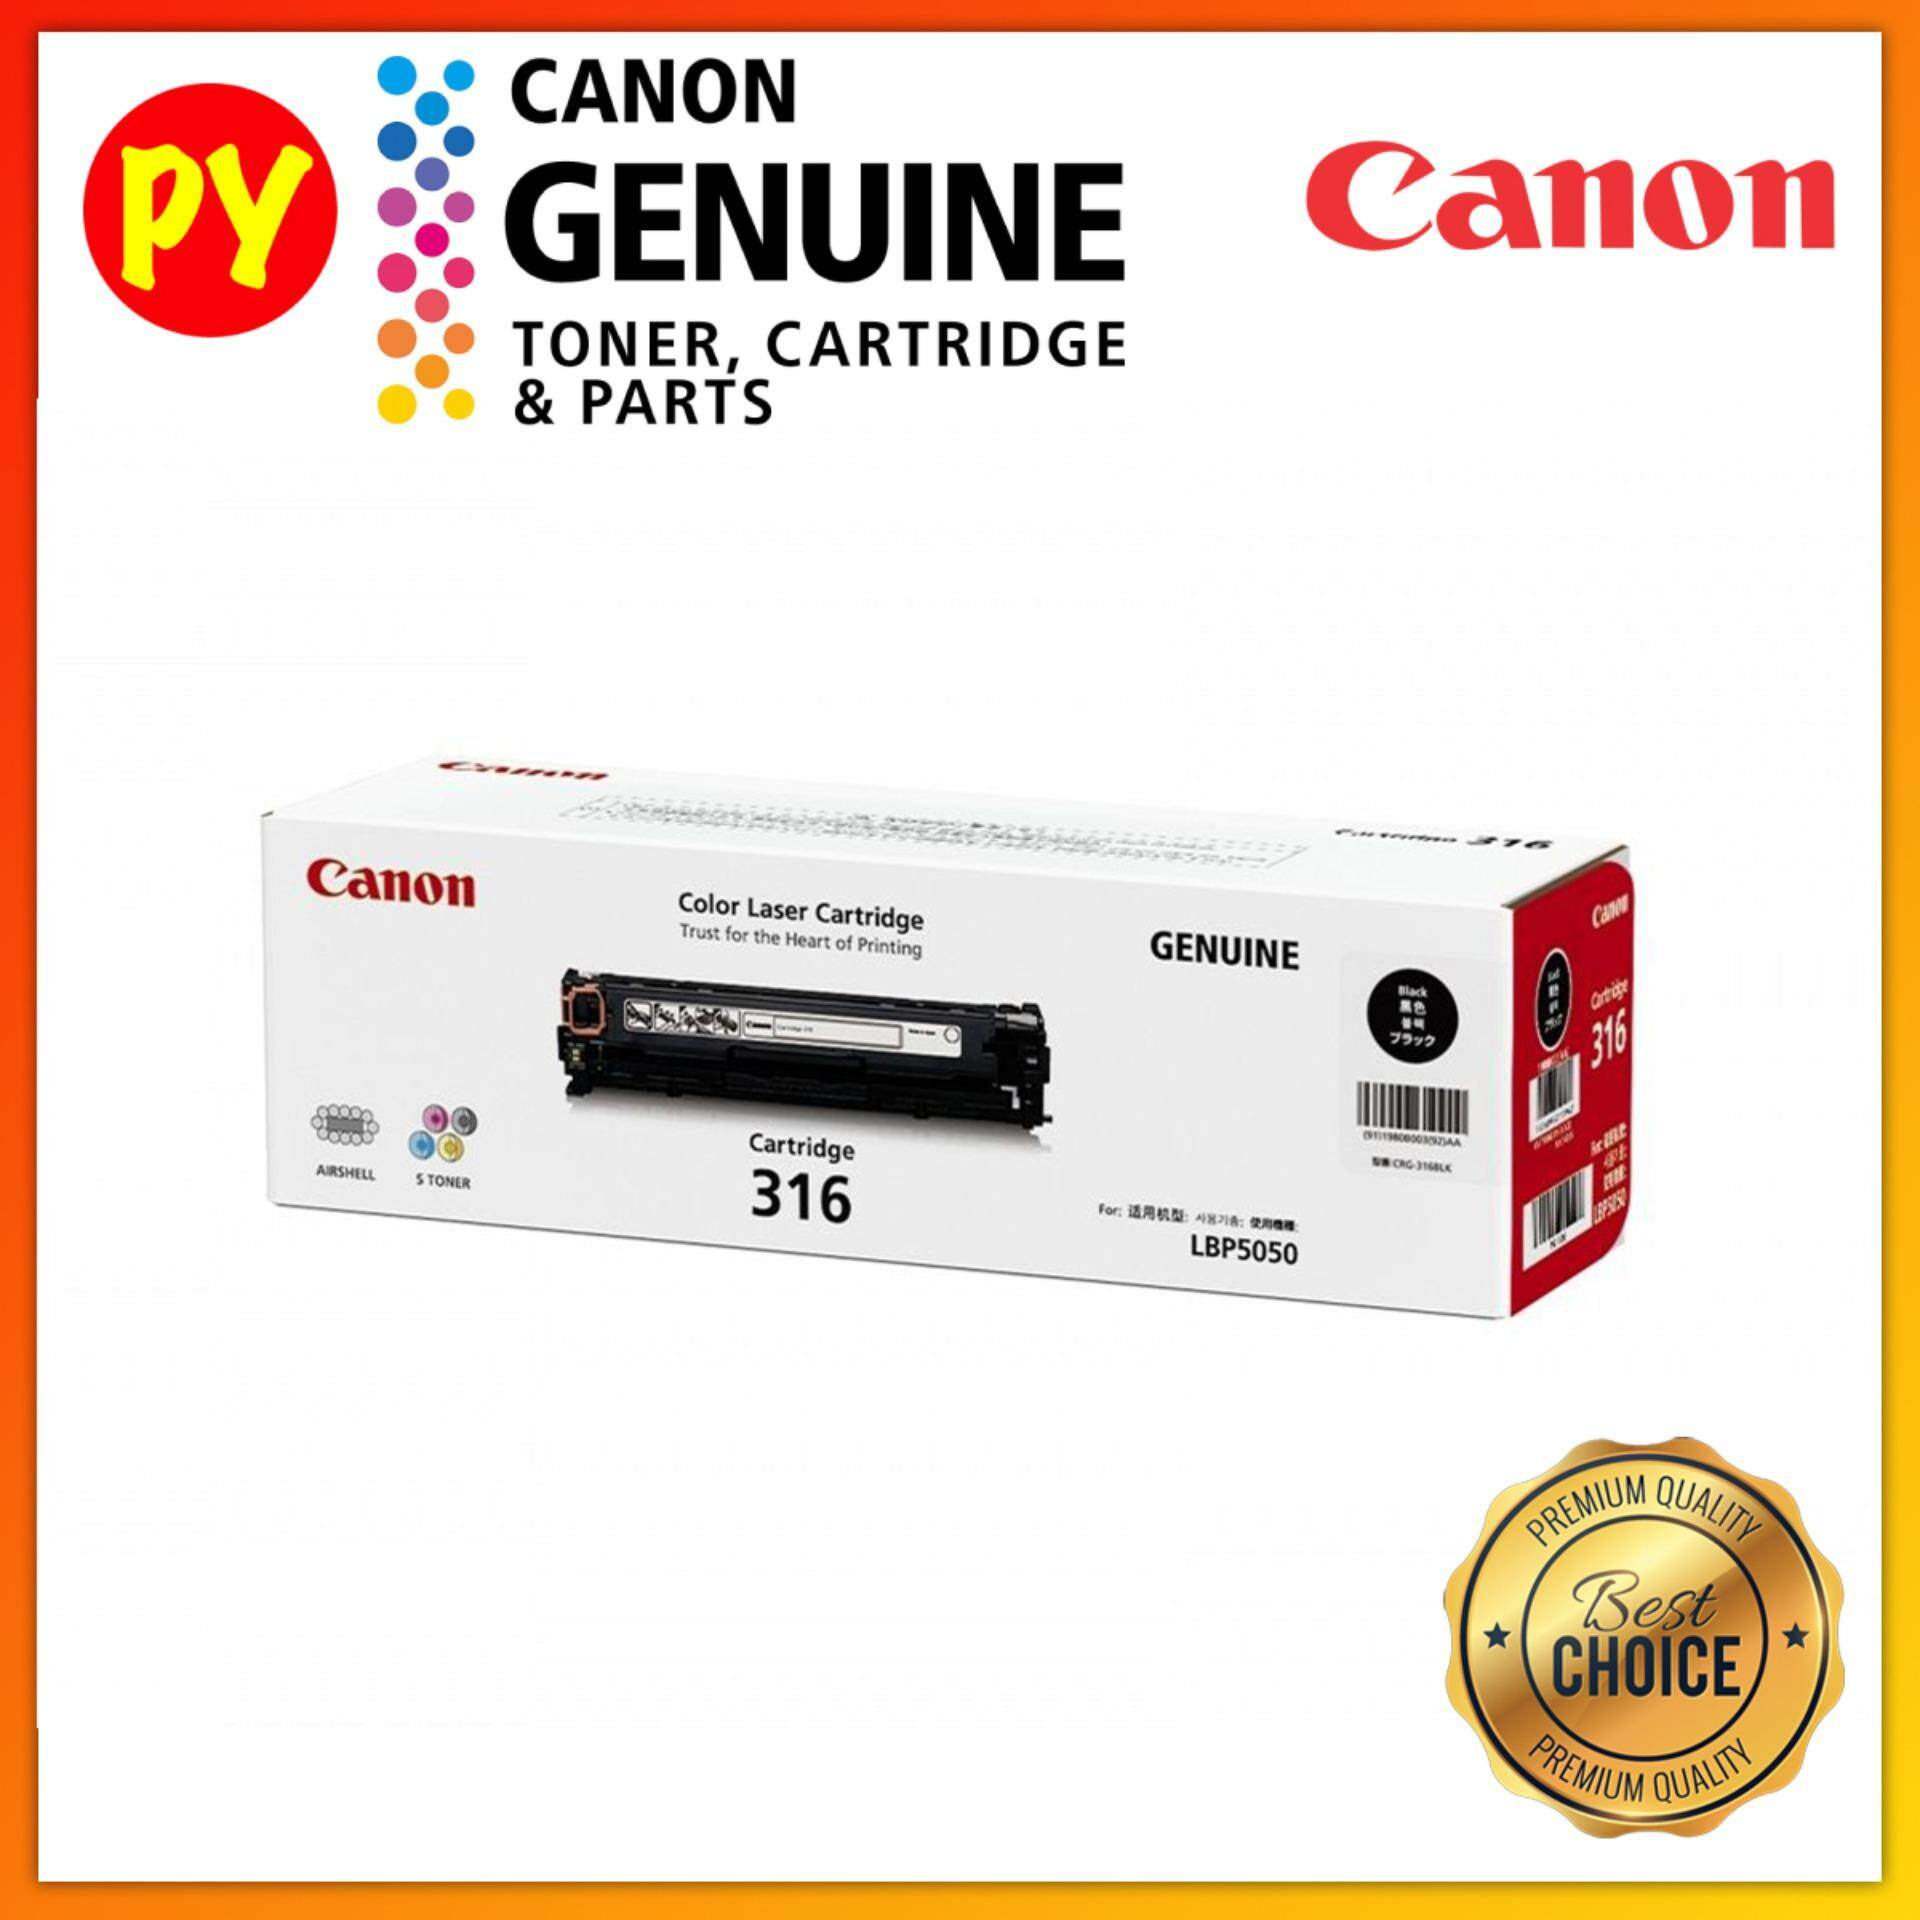 Canon Cartridge 316 Black Original Laser Toner - for LBP-5050